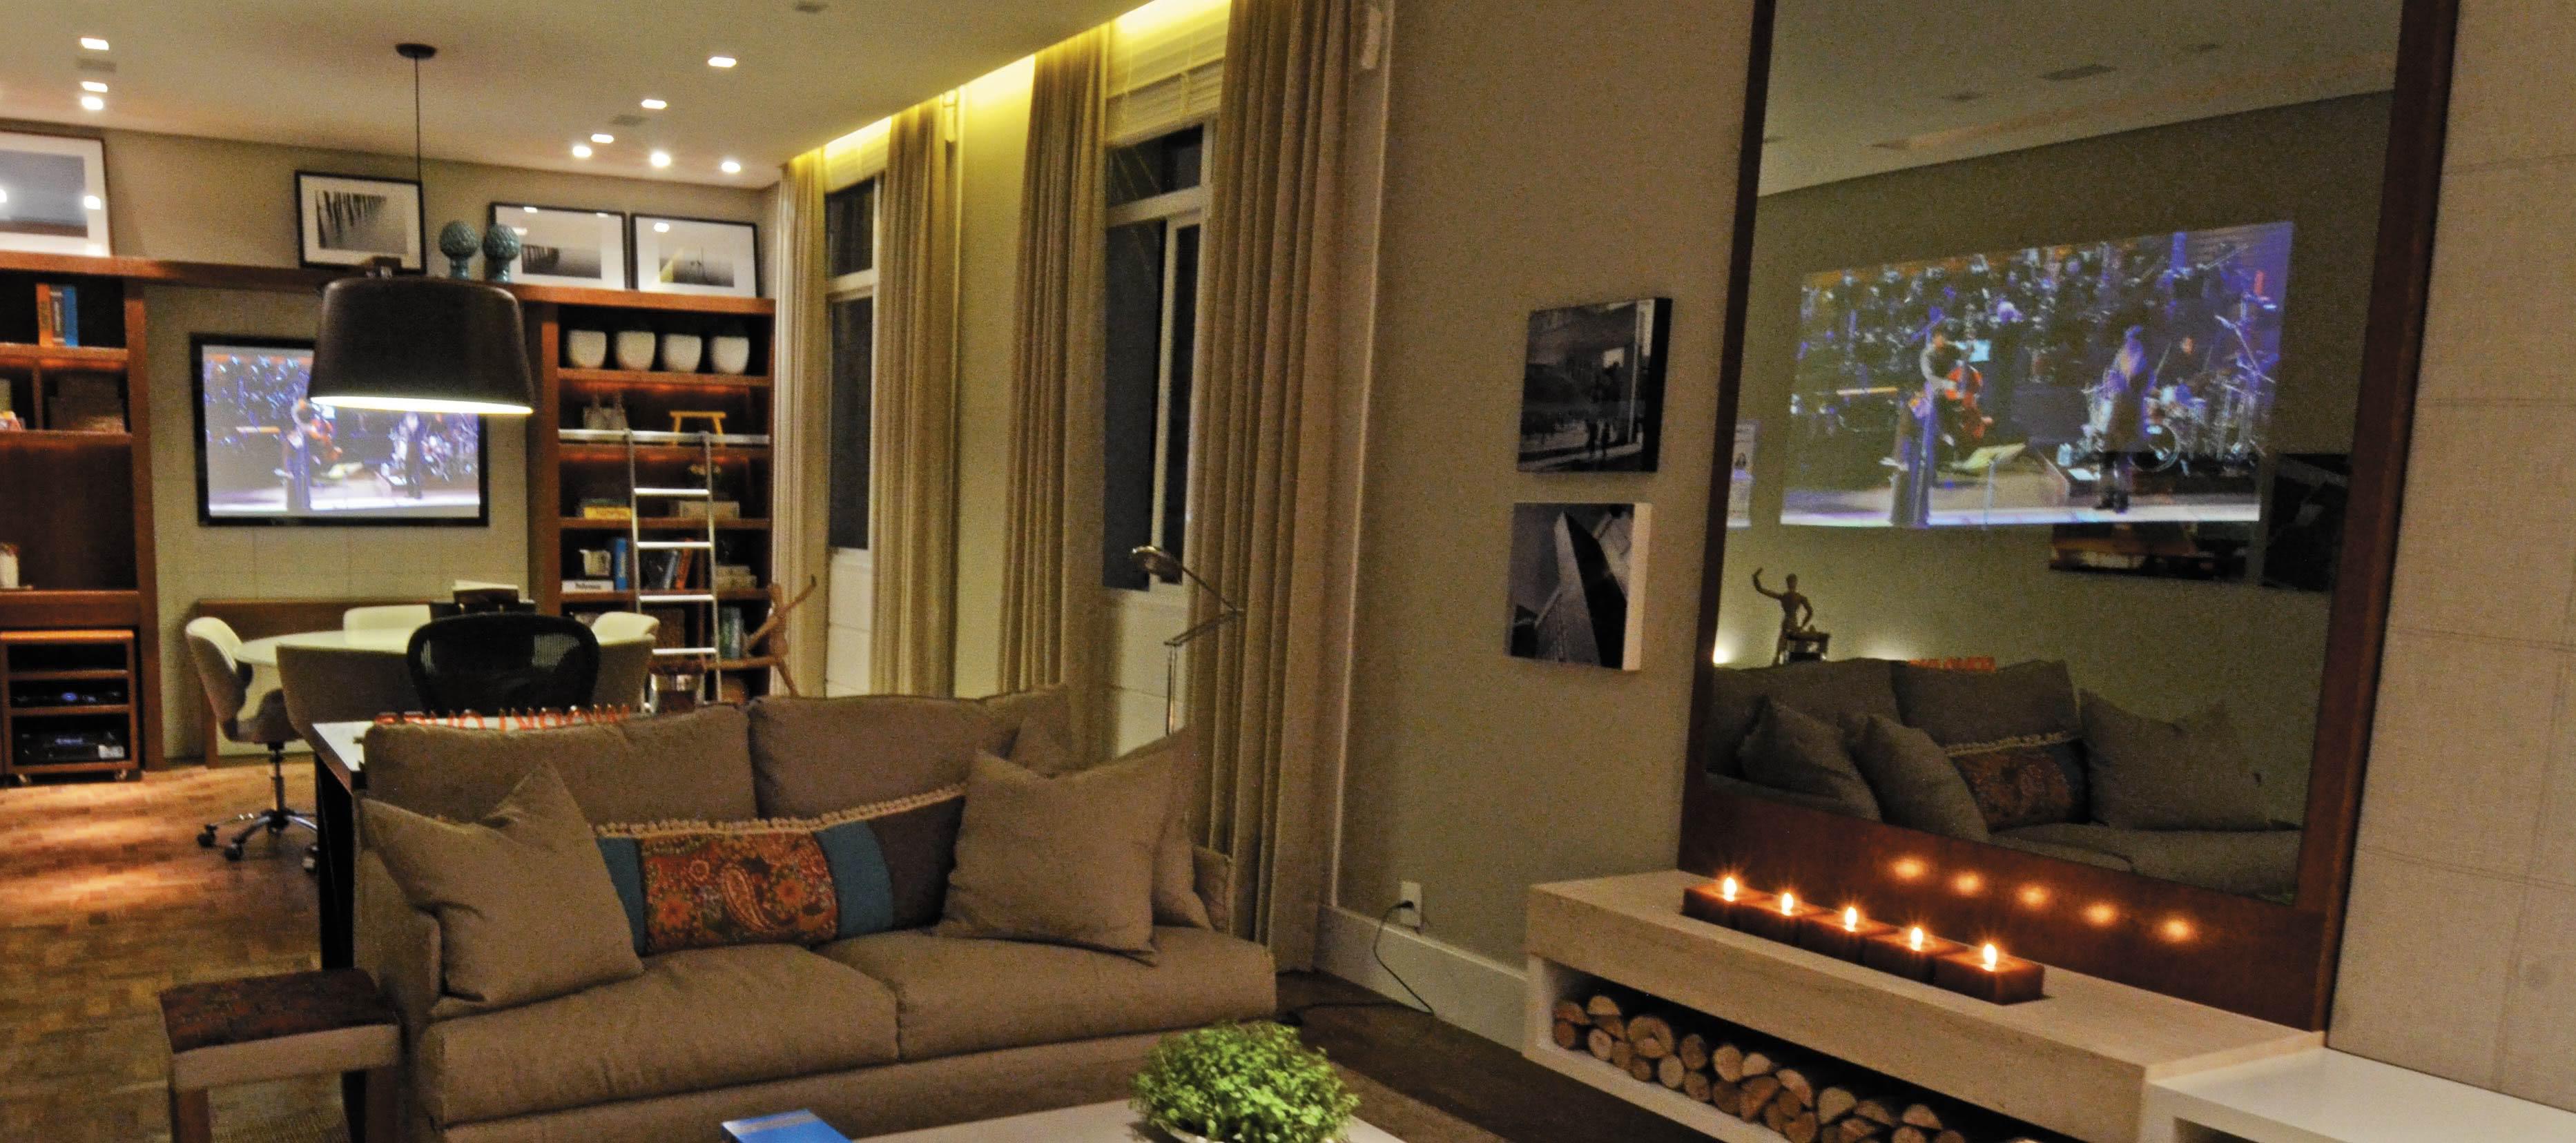 50 TVs Embutidas em Vidros, Espelhos e Portas Decoradas